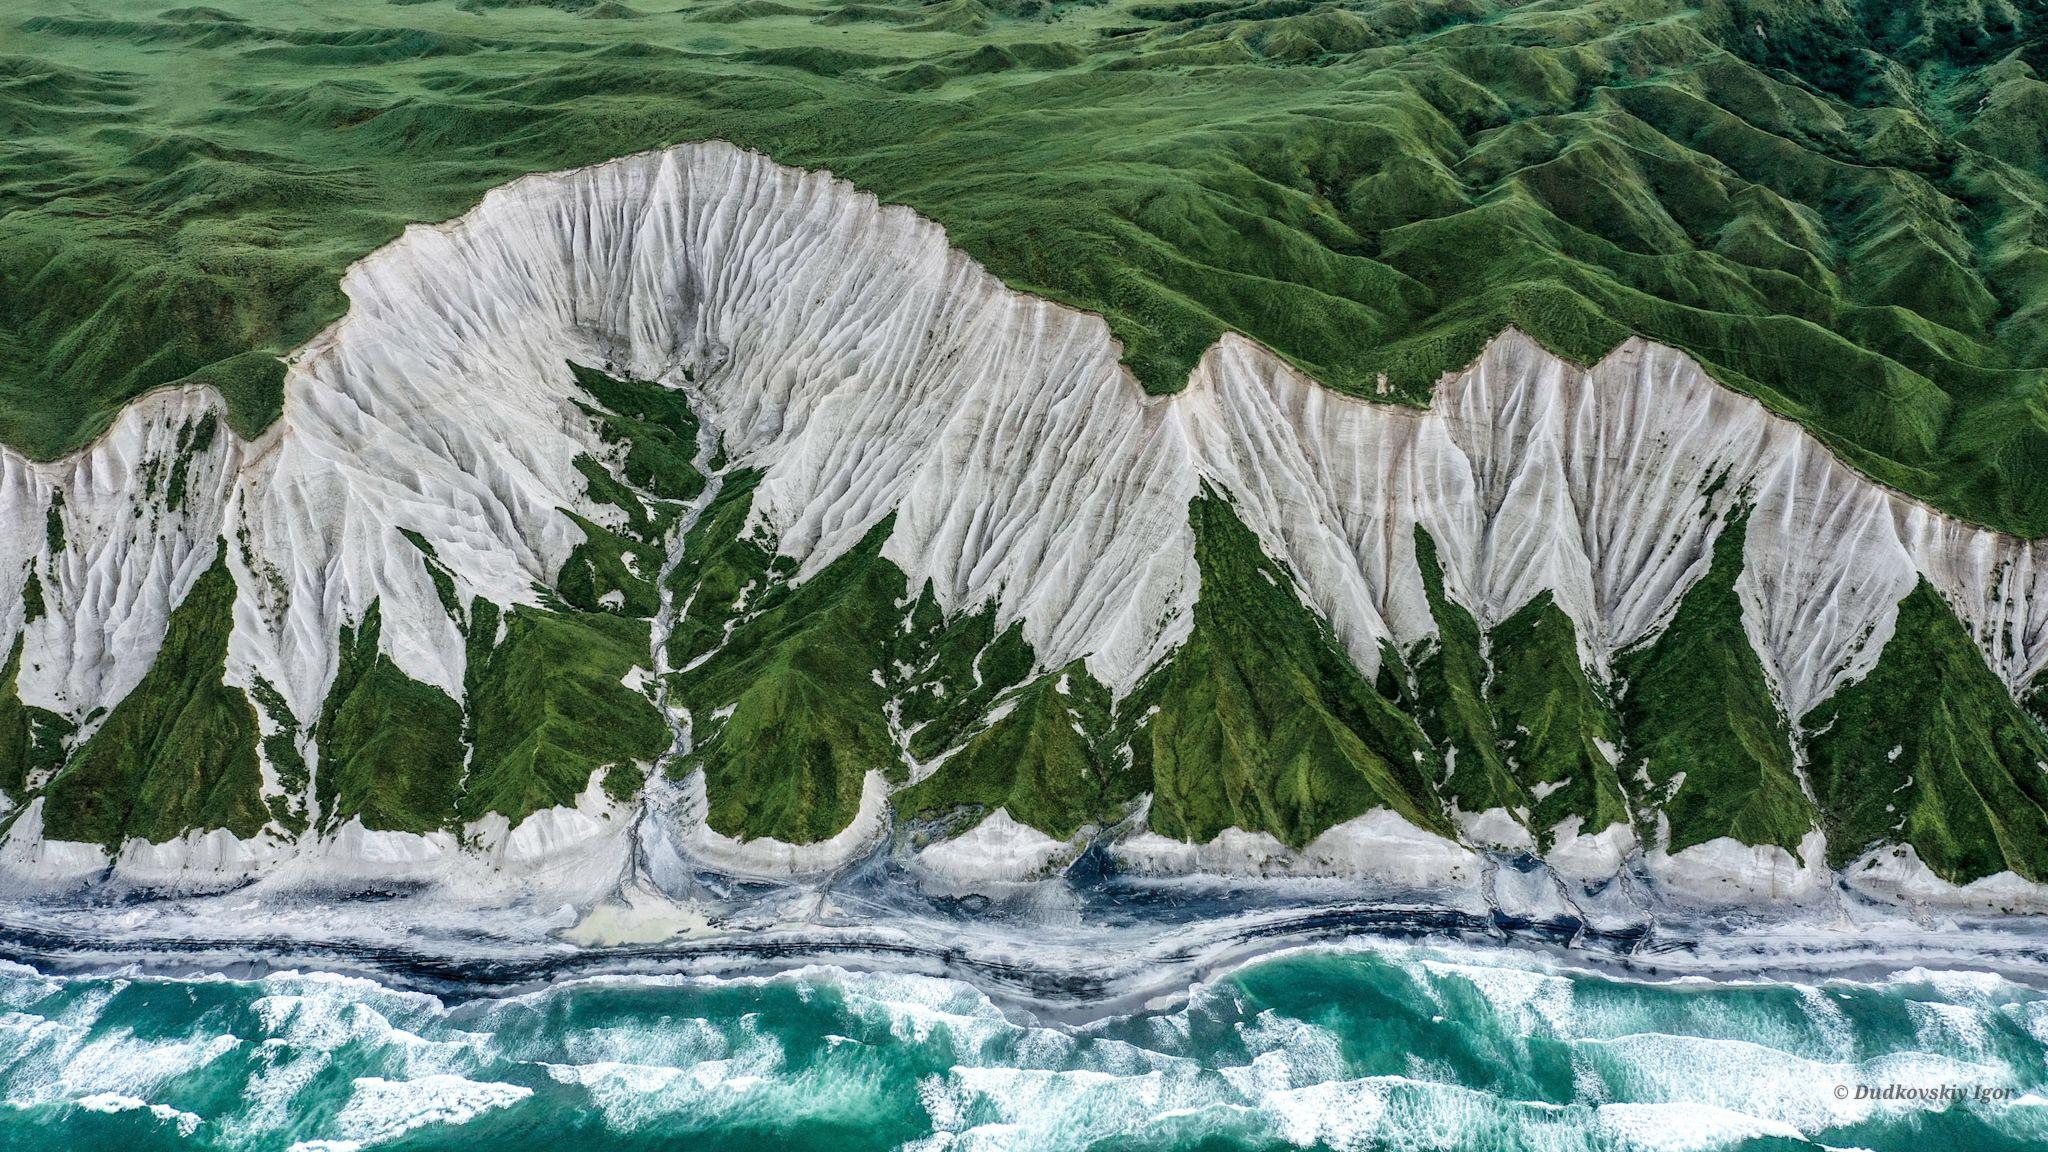 Курильские острова , Дудковский Игорь